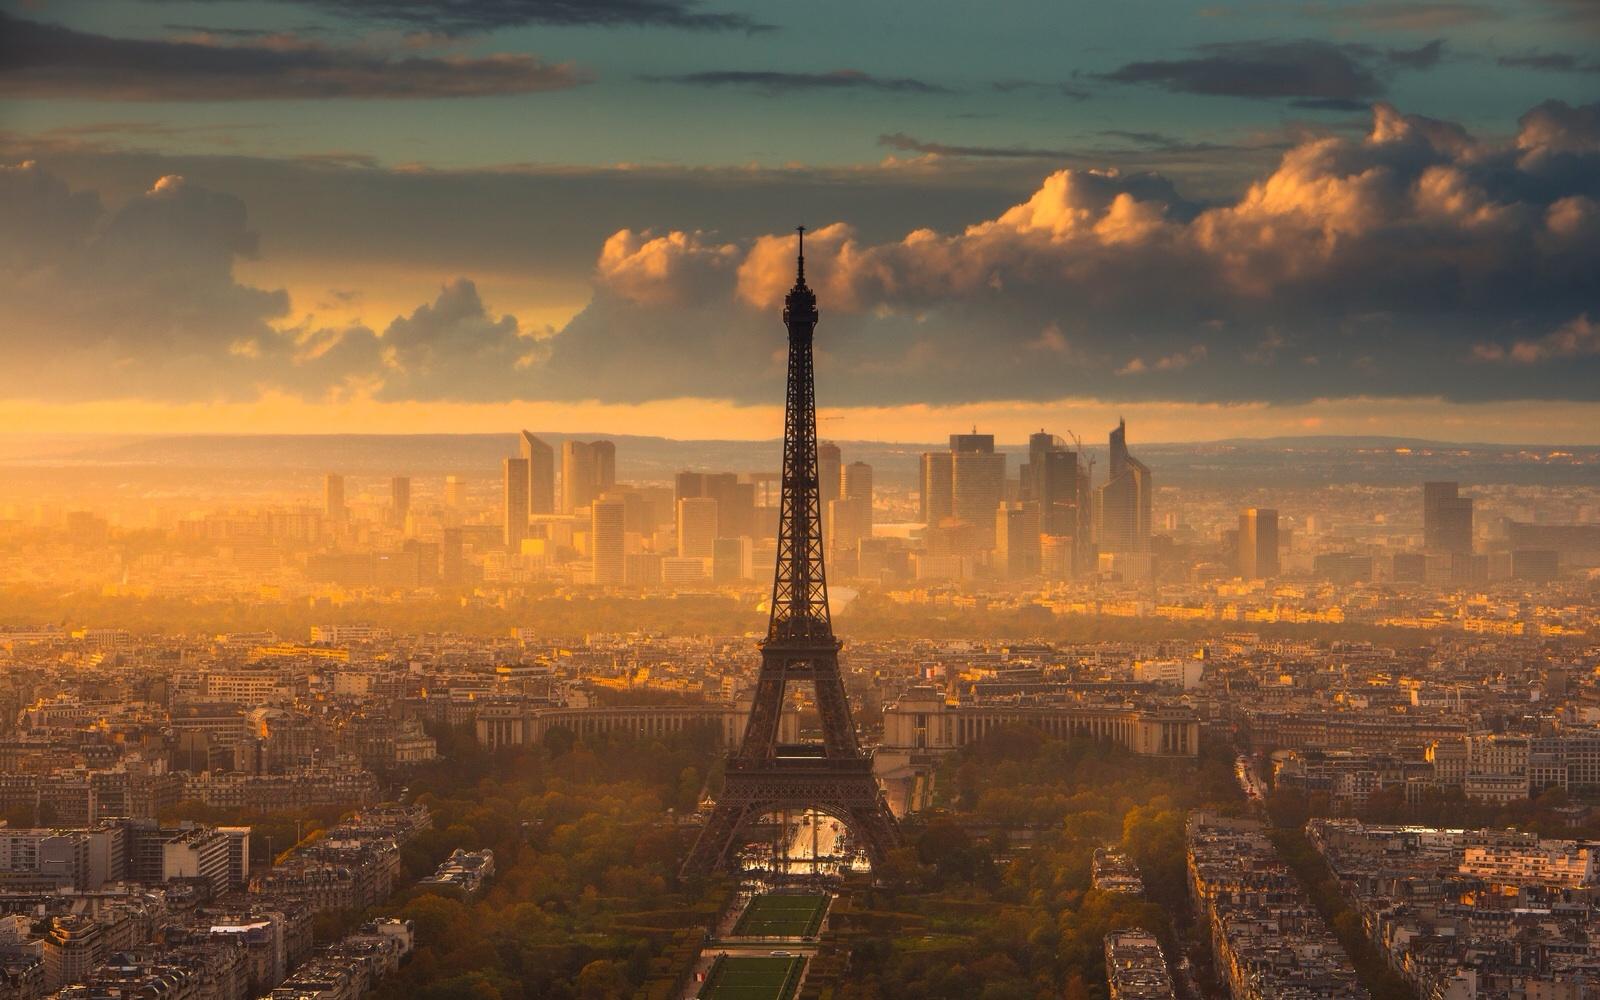 Hình ảnh hoàng hôn phía sau tháp Eiffel